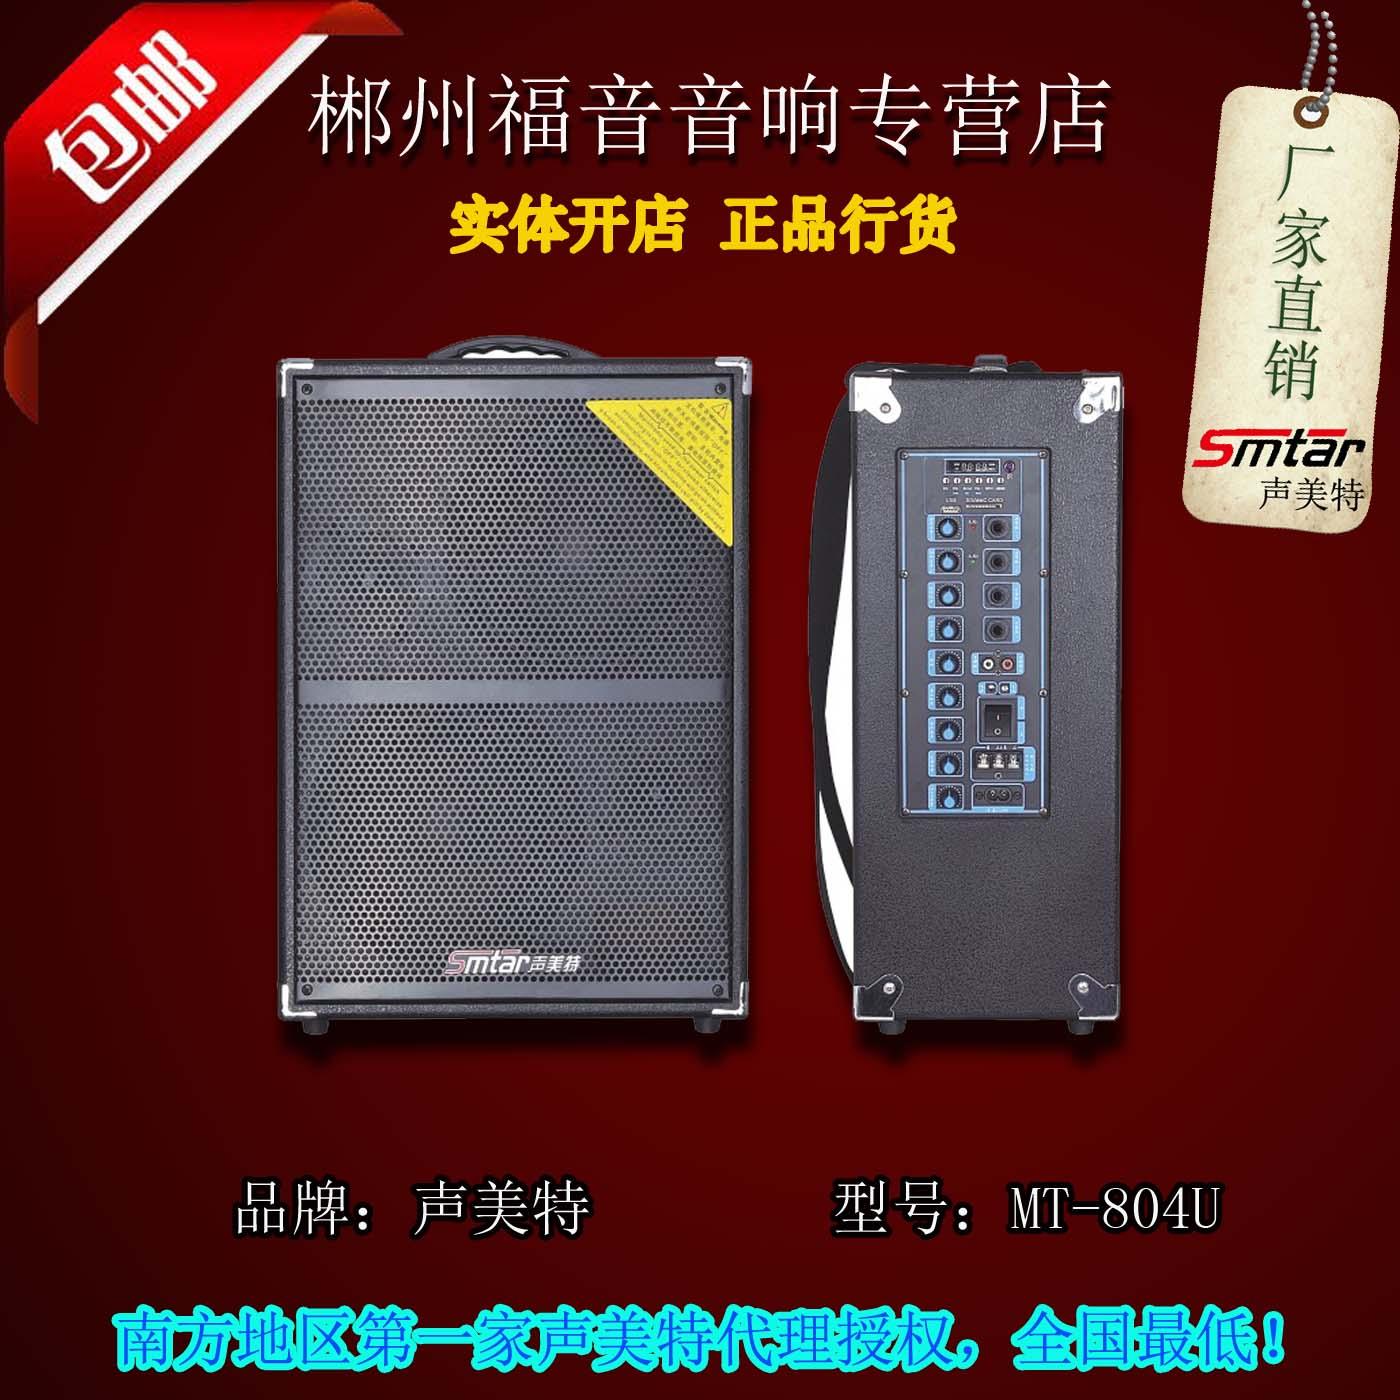 звуковые устройства Sound U.S. special MT-804U 200W sound